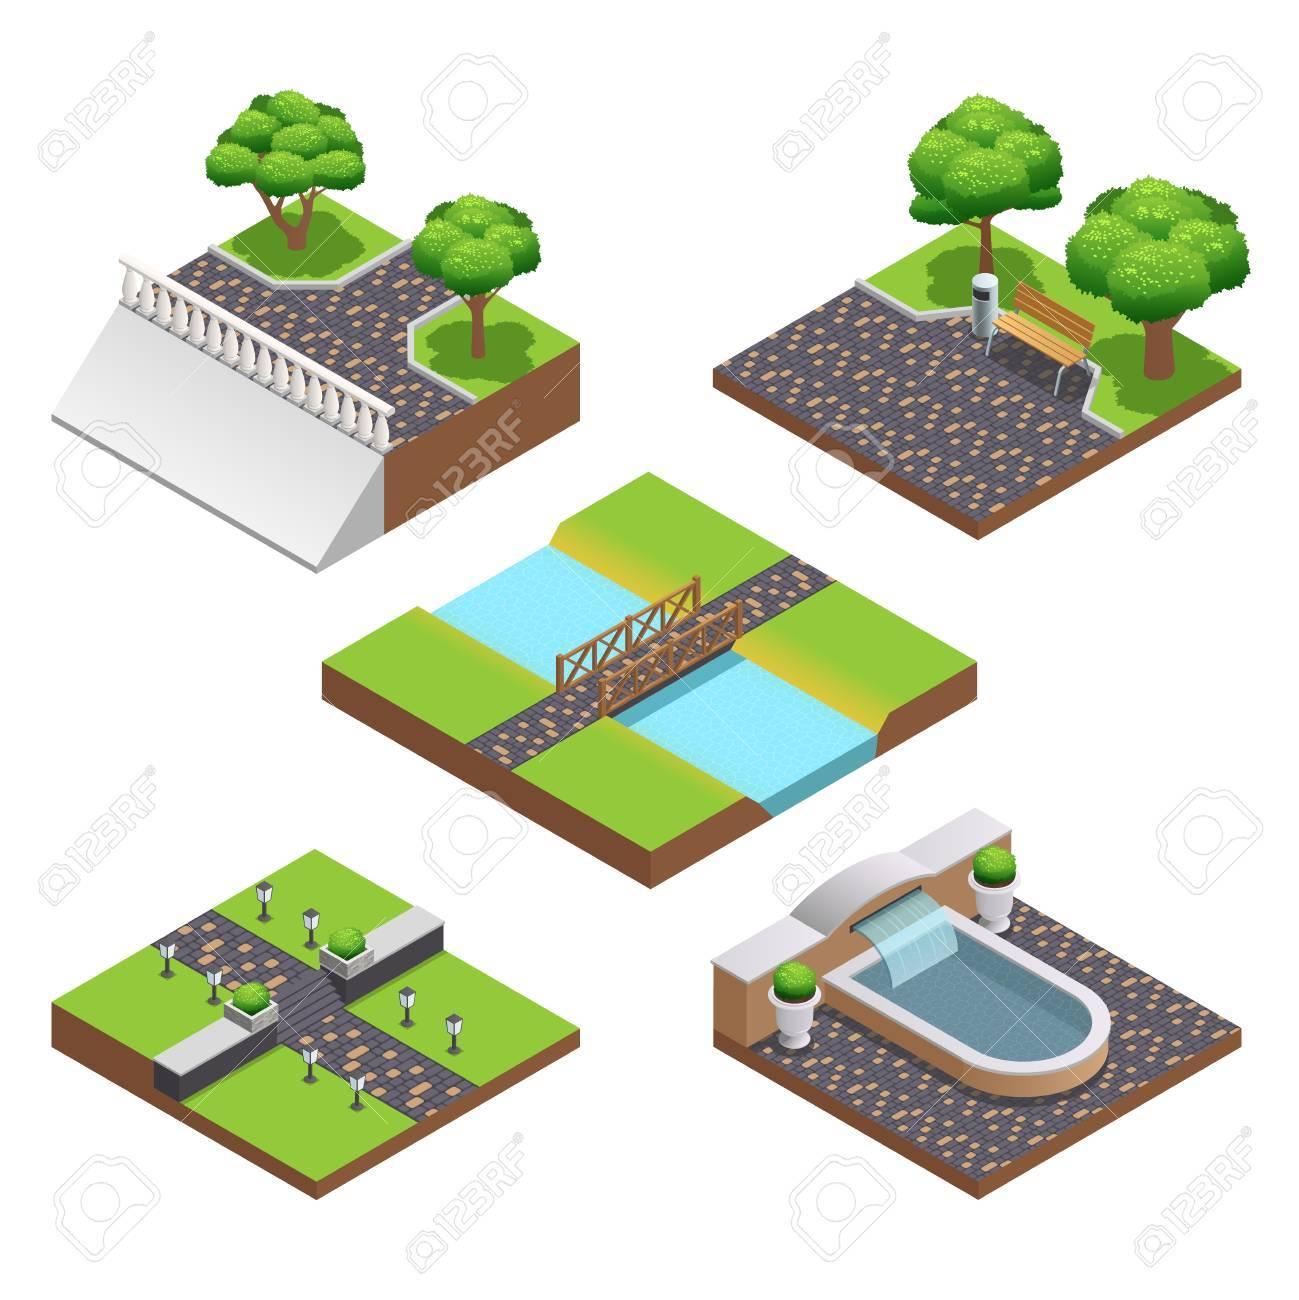 Landschaftsbau Isometrische Kompositionen Mit Sommer Baume Und